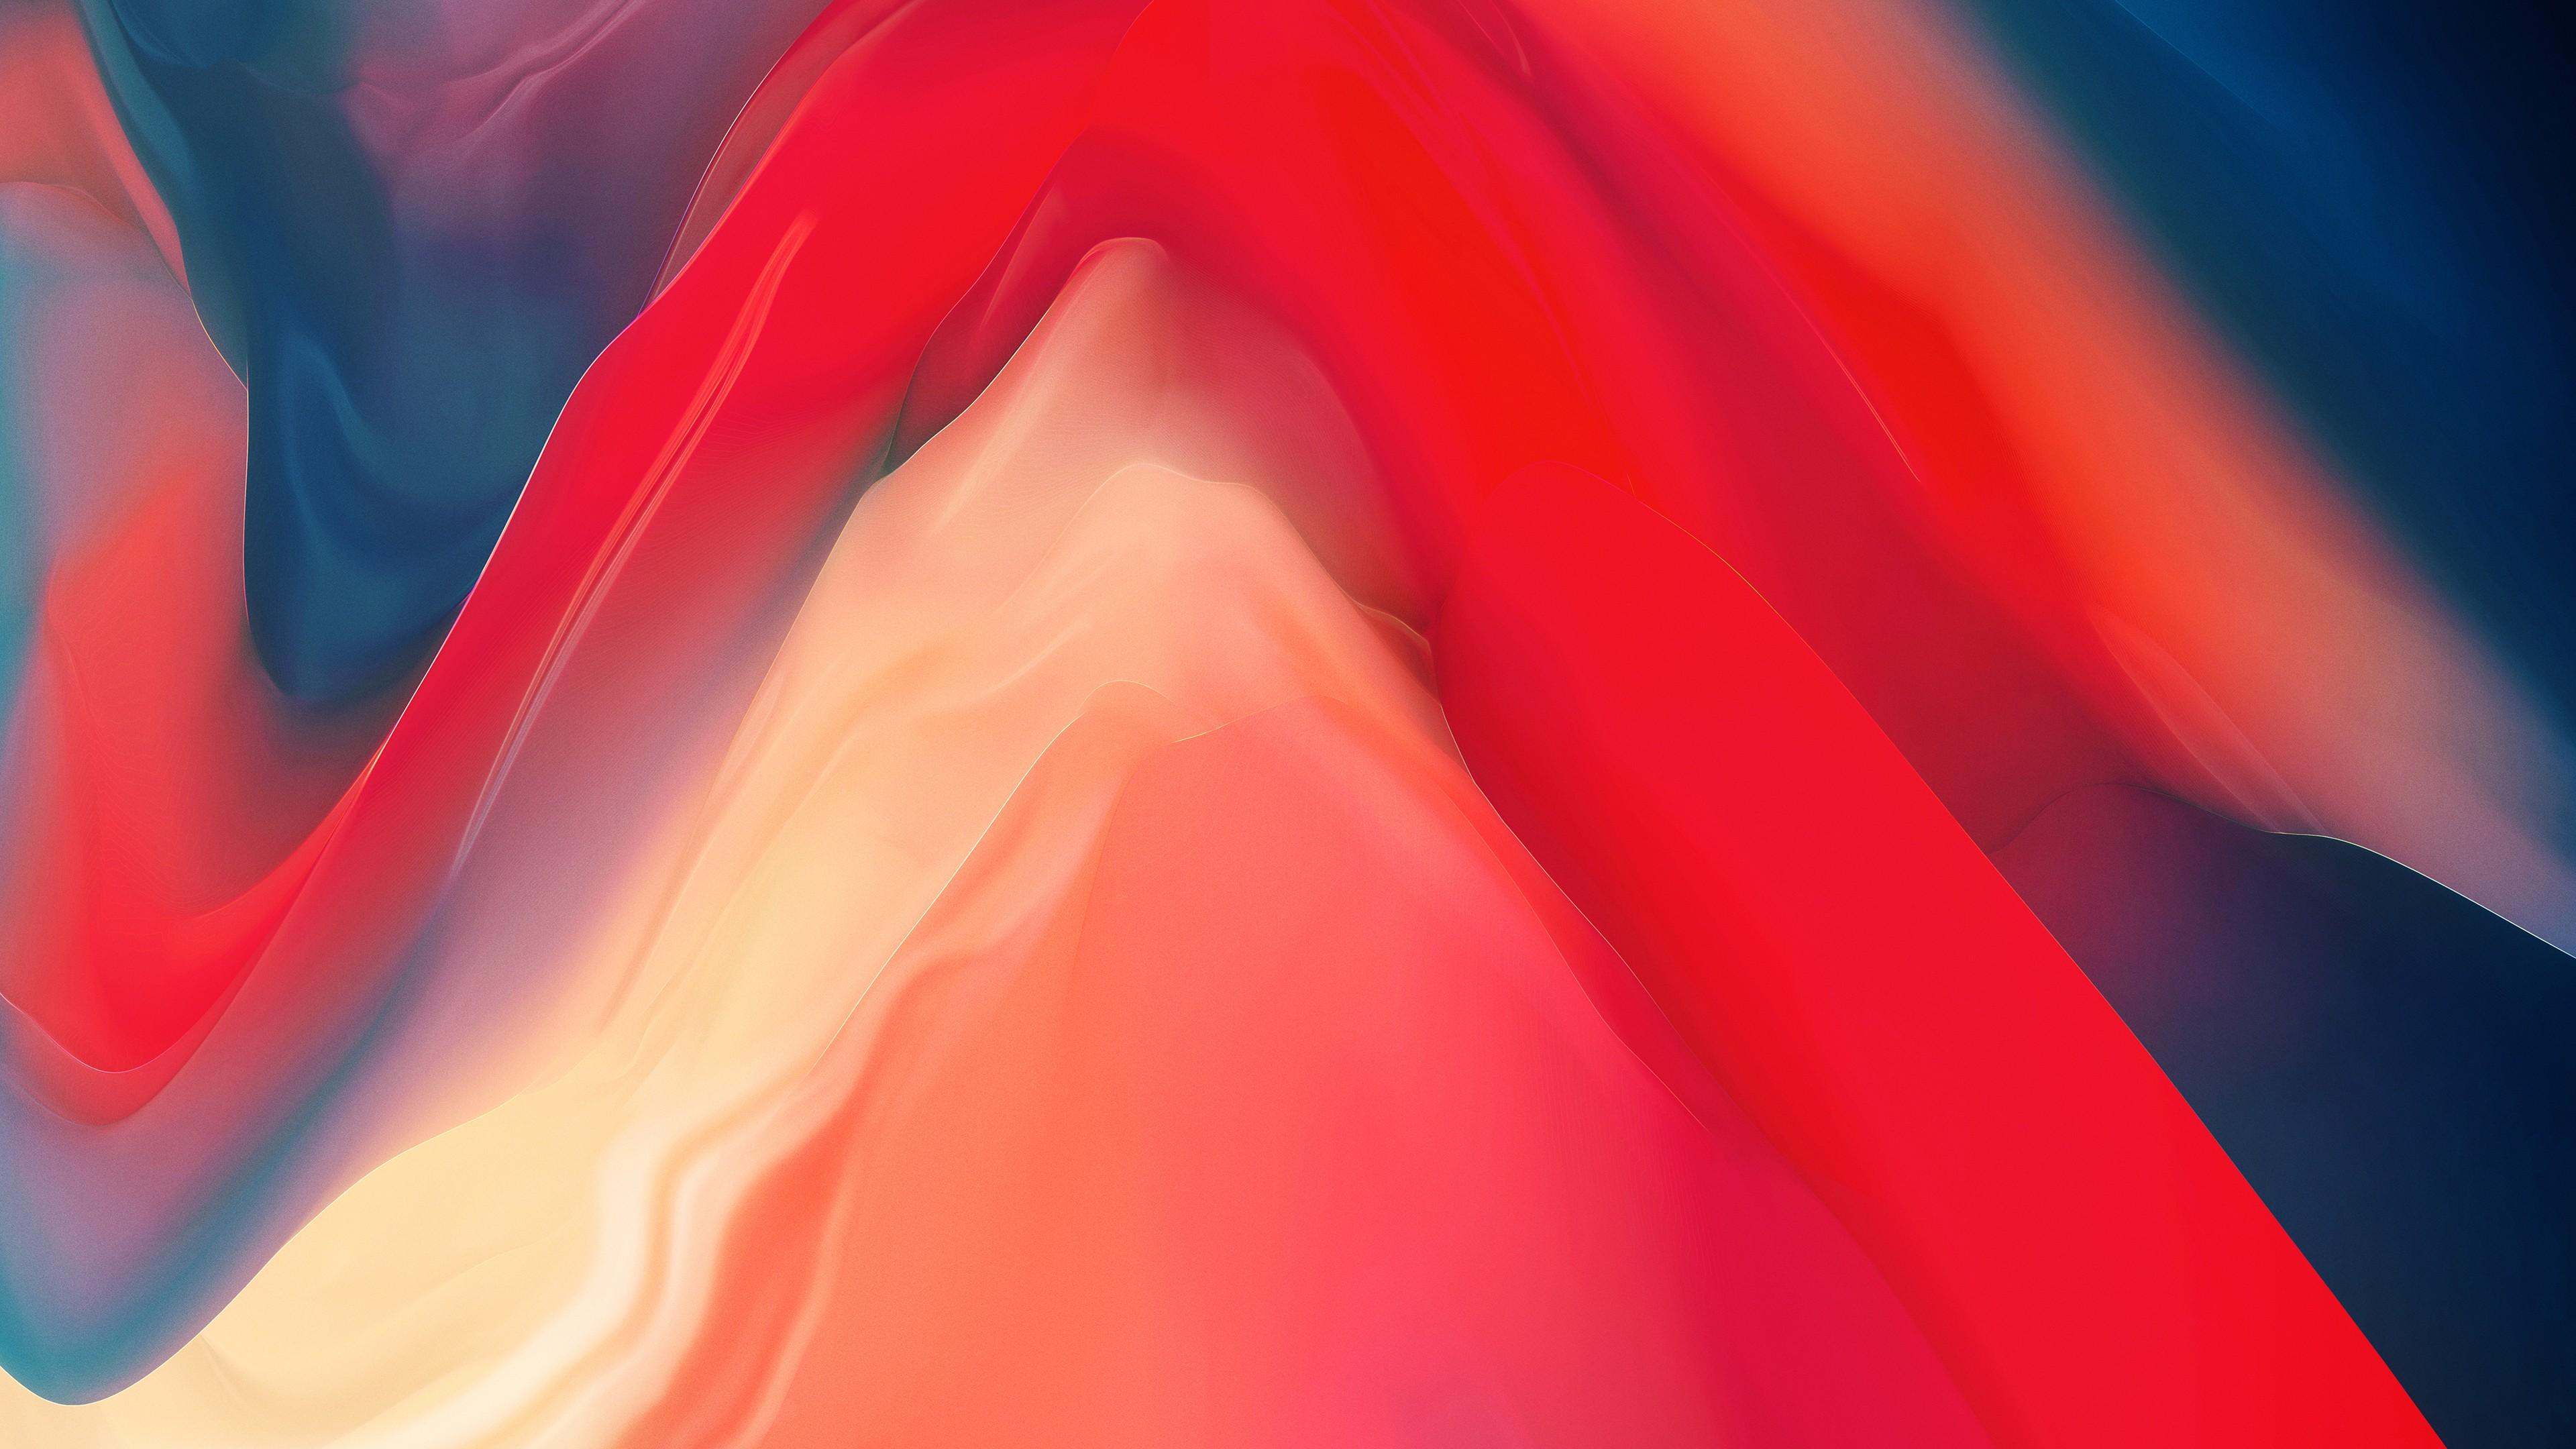 Fondos de pantalla Volcan roja abstracta